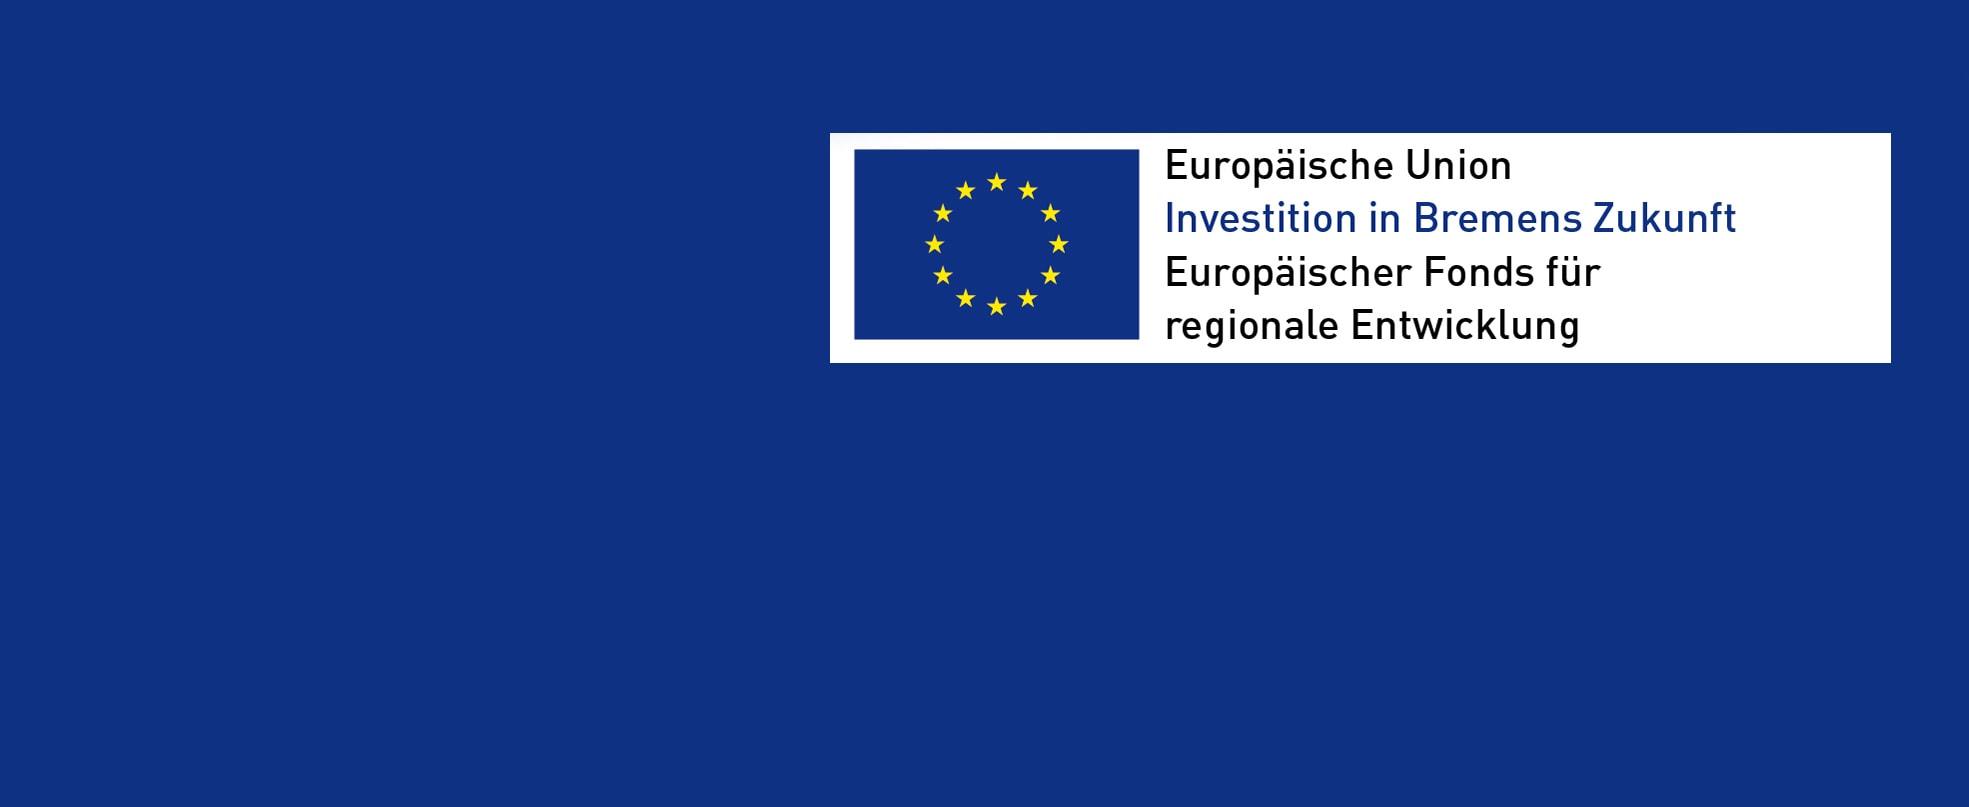 Teilnahme am Forschungsprojekt: Designkonzept für oszillierende Wälzlager 1